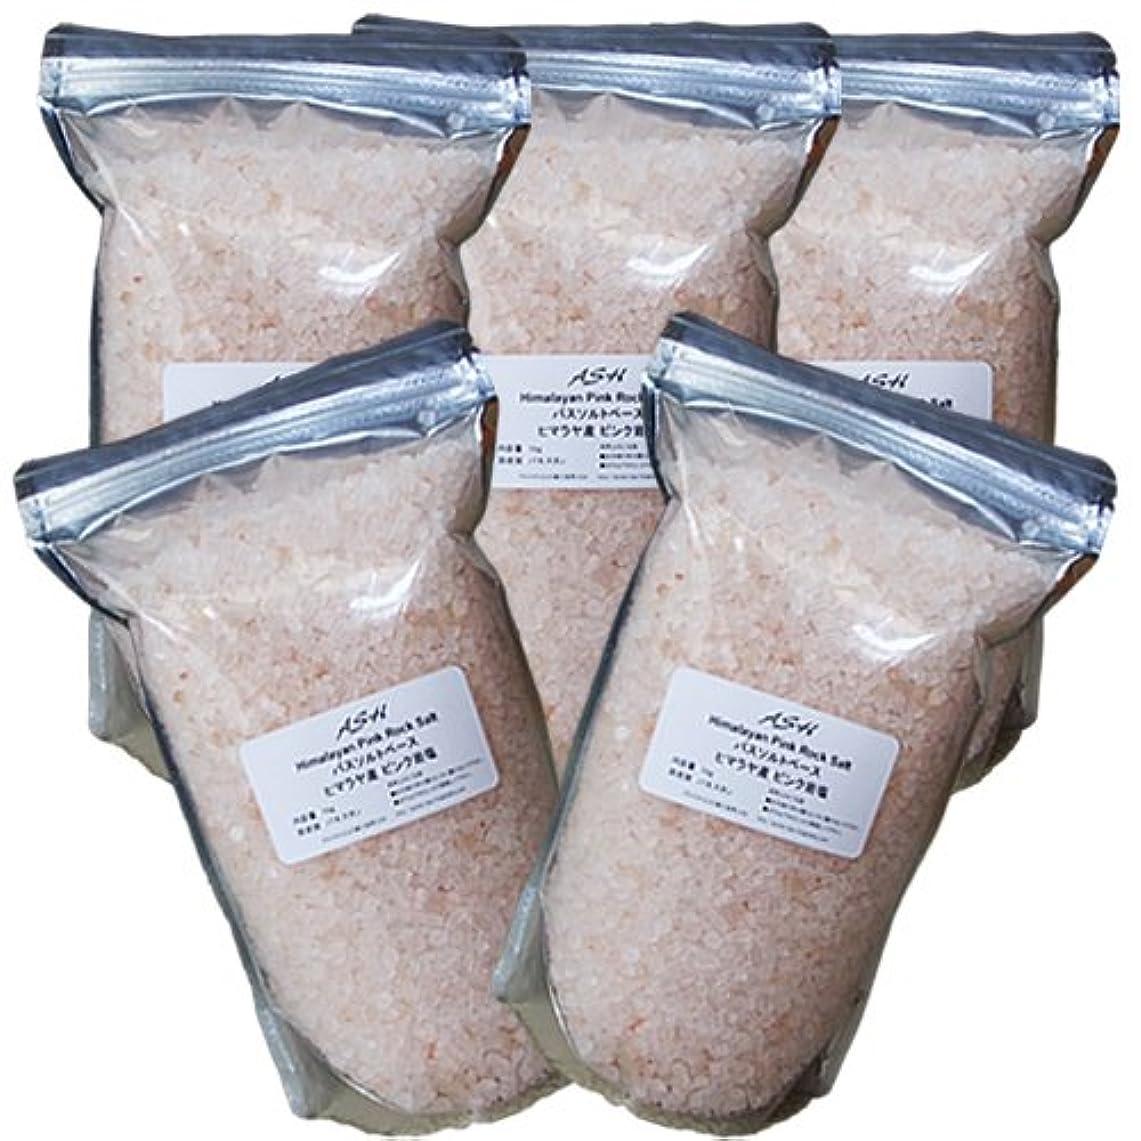 ズームインする圧倒的スナックヒマラヤ岩塩 ピンクソルト 5kg バスソルトベース